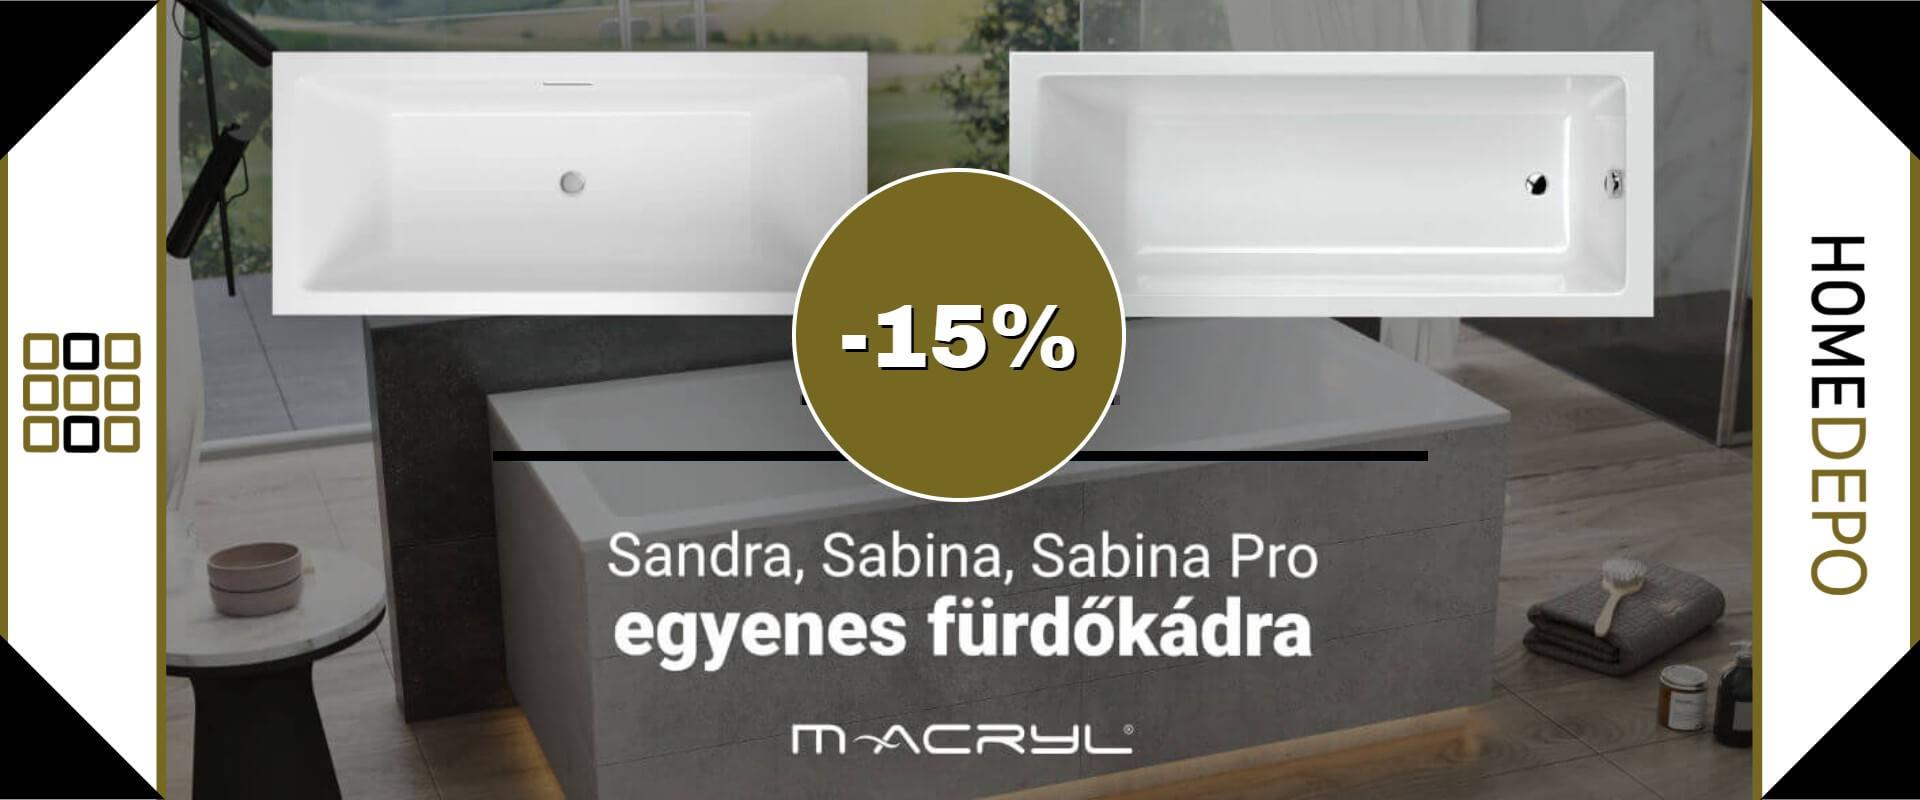 M-acryl -15% kedvezmény